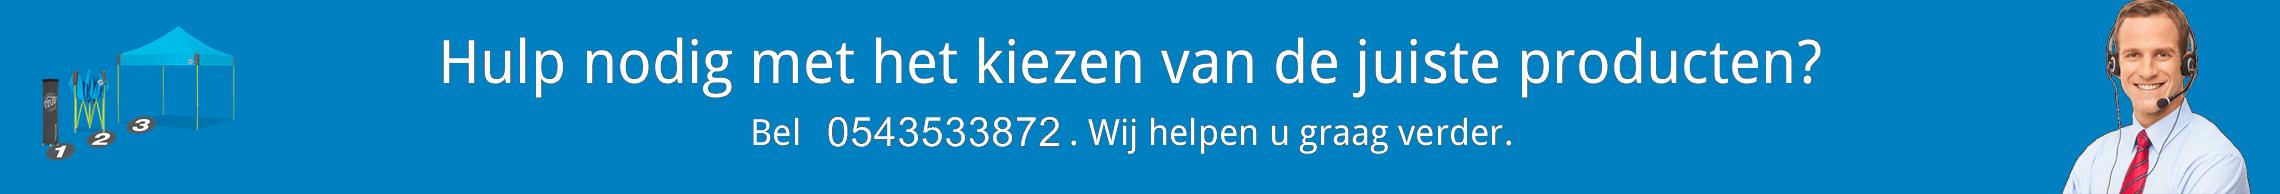 Easyup vouwtenten Nr1 in Nederland.